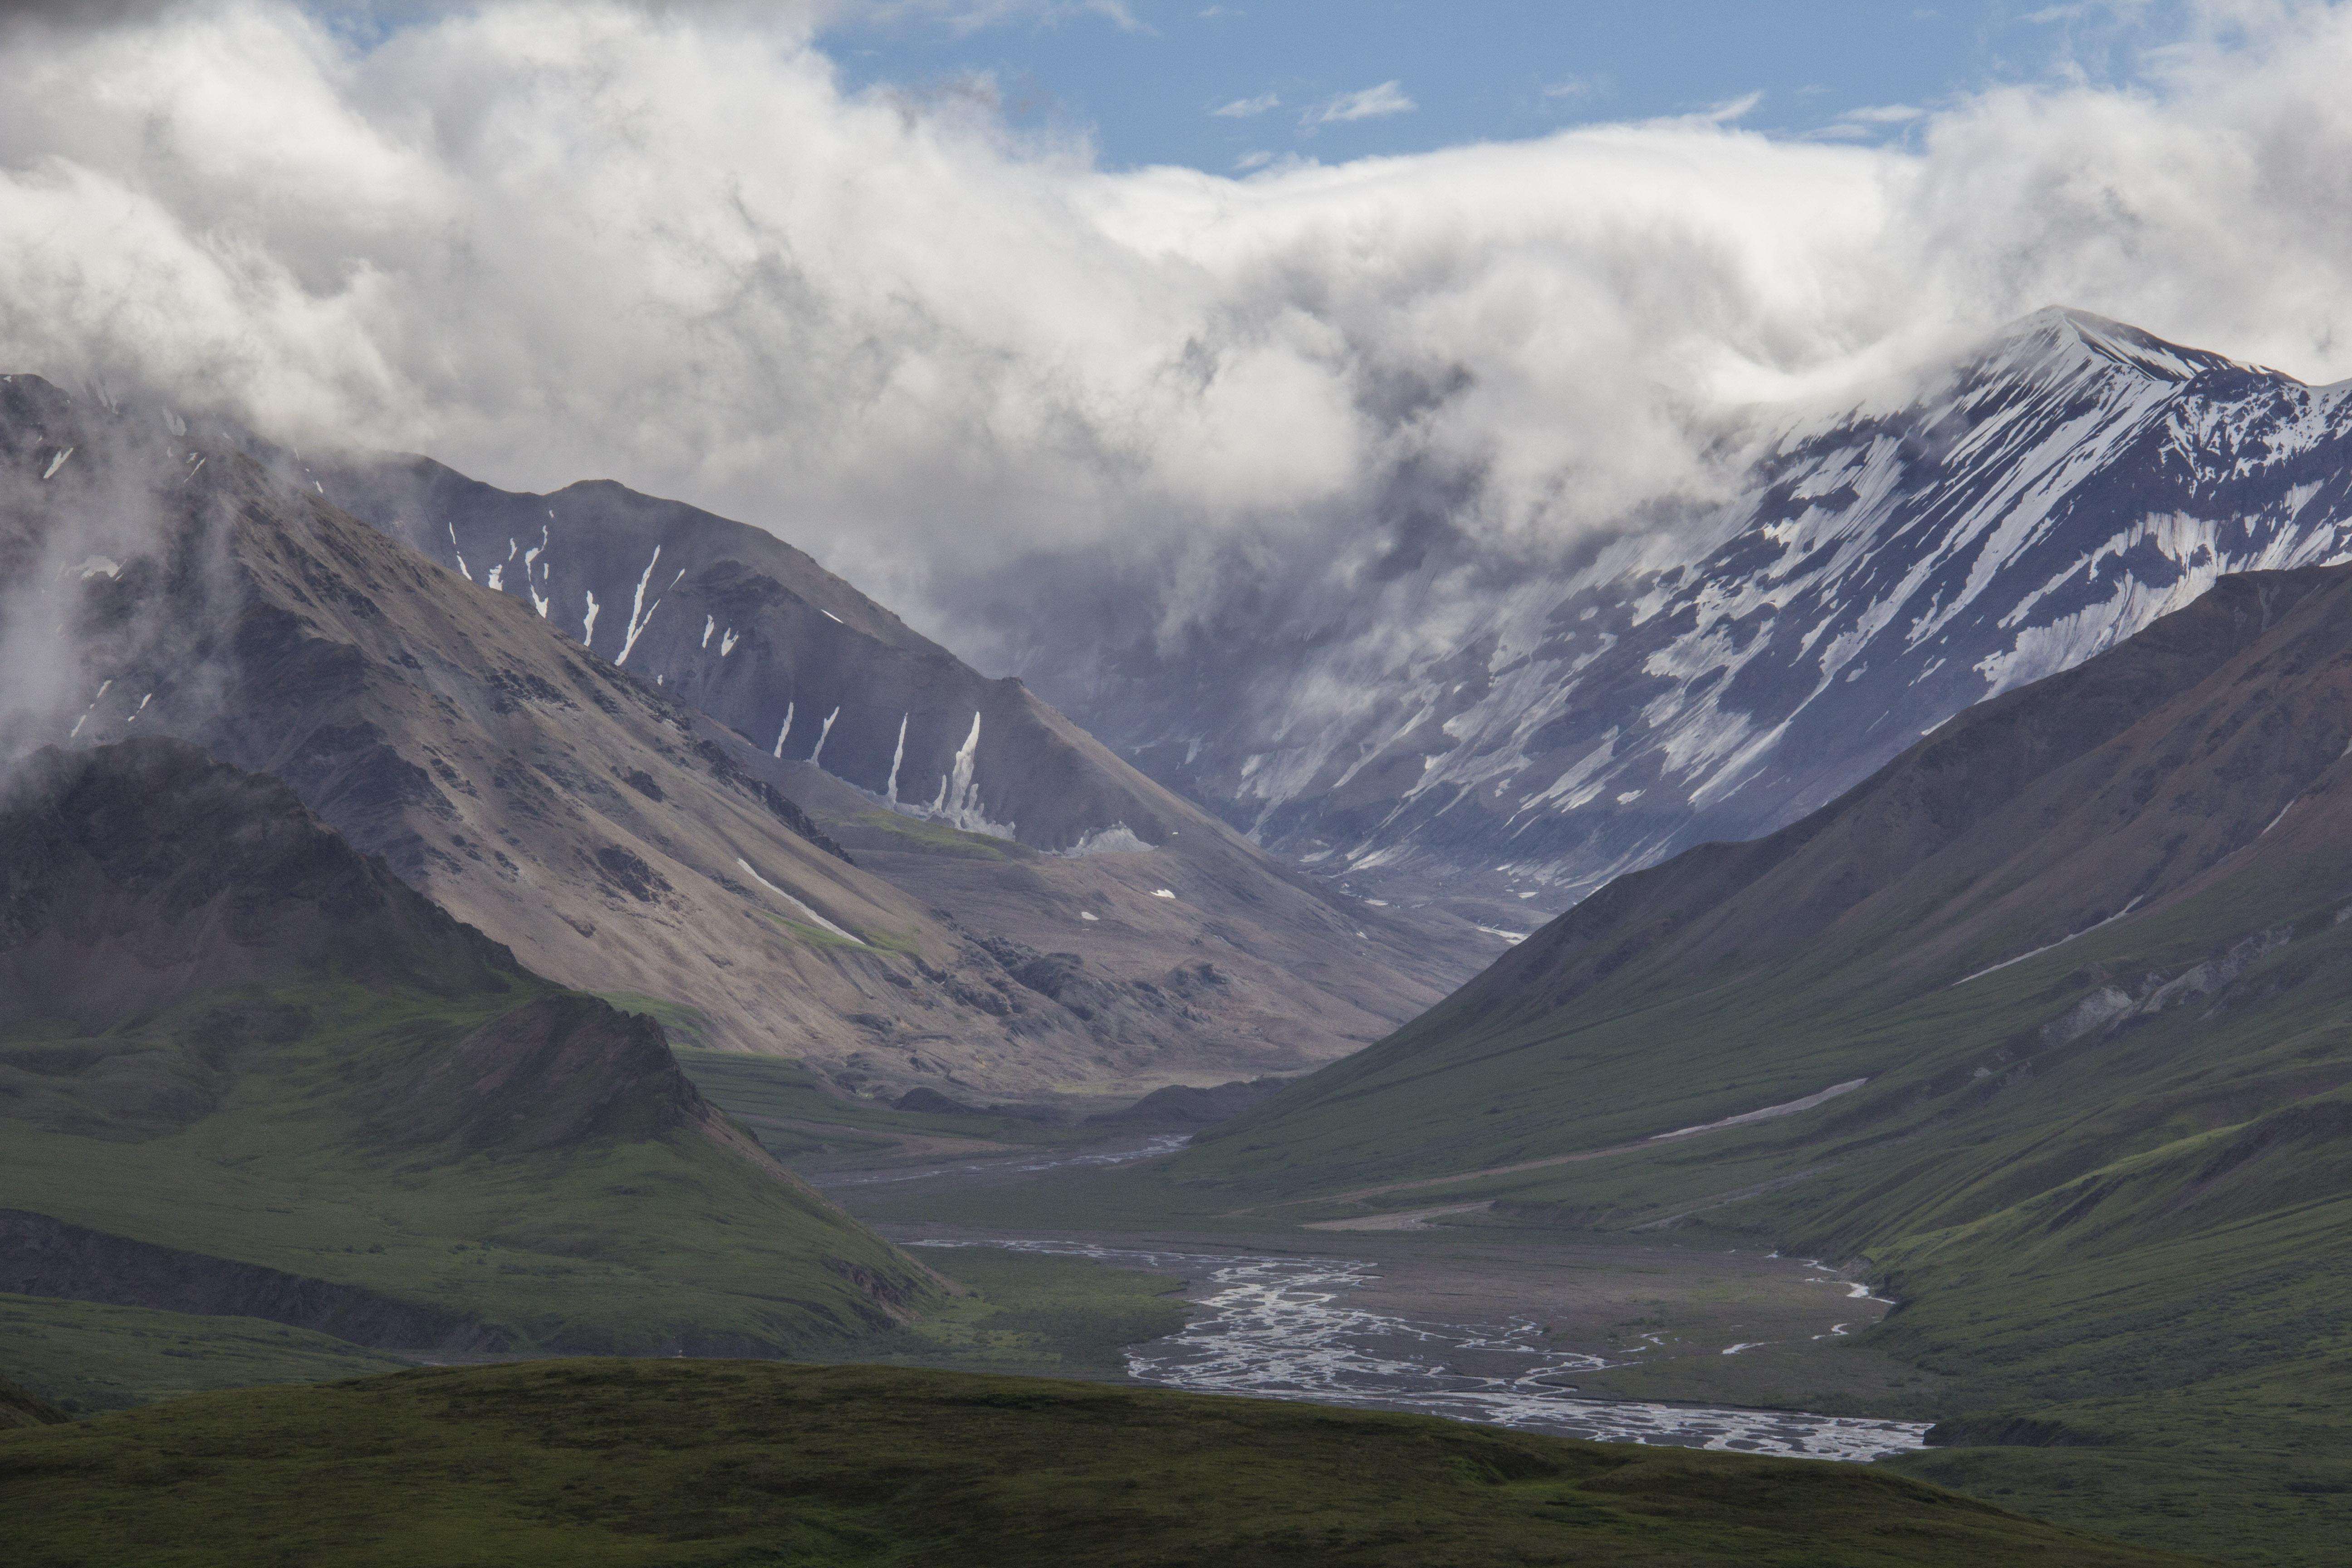 NGSE_AlaskaB_JackBorowiak-6133